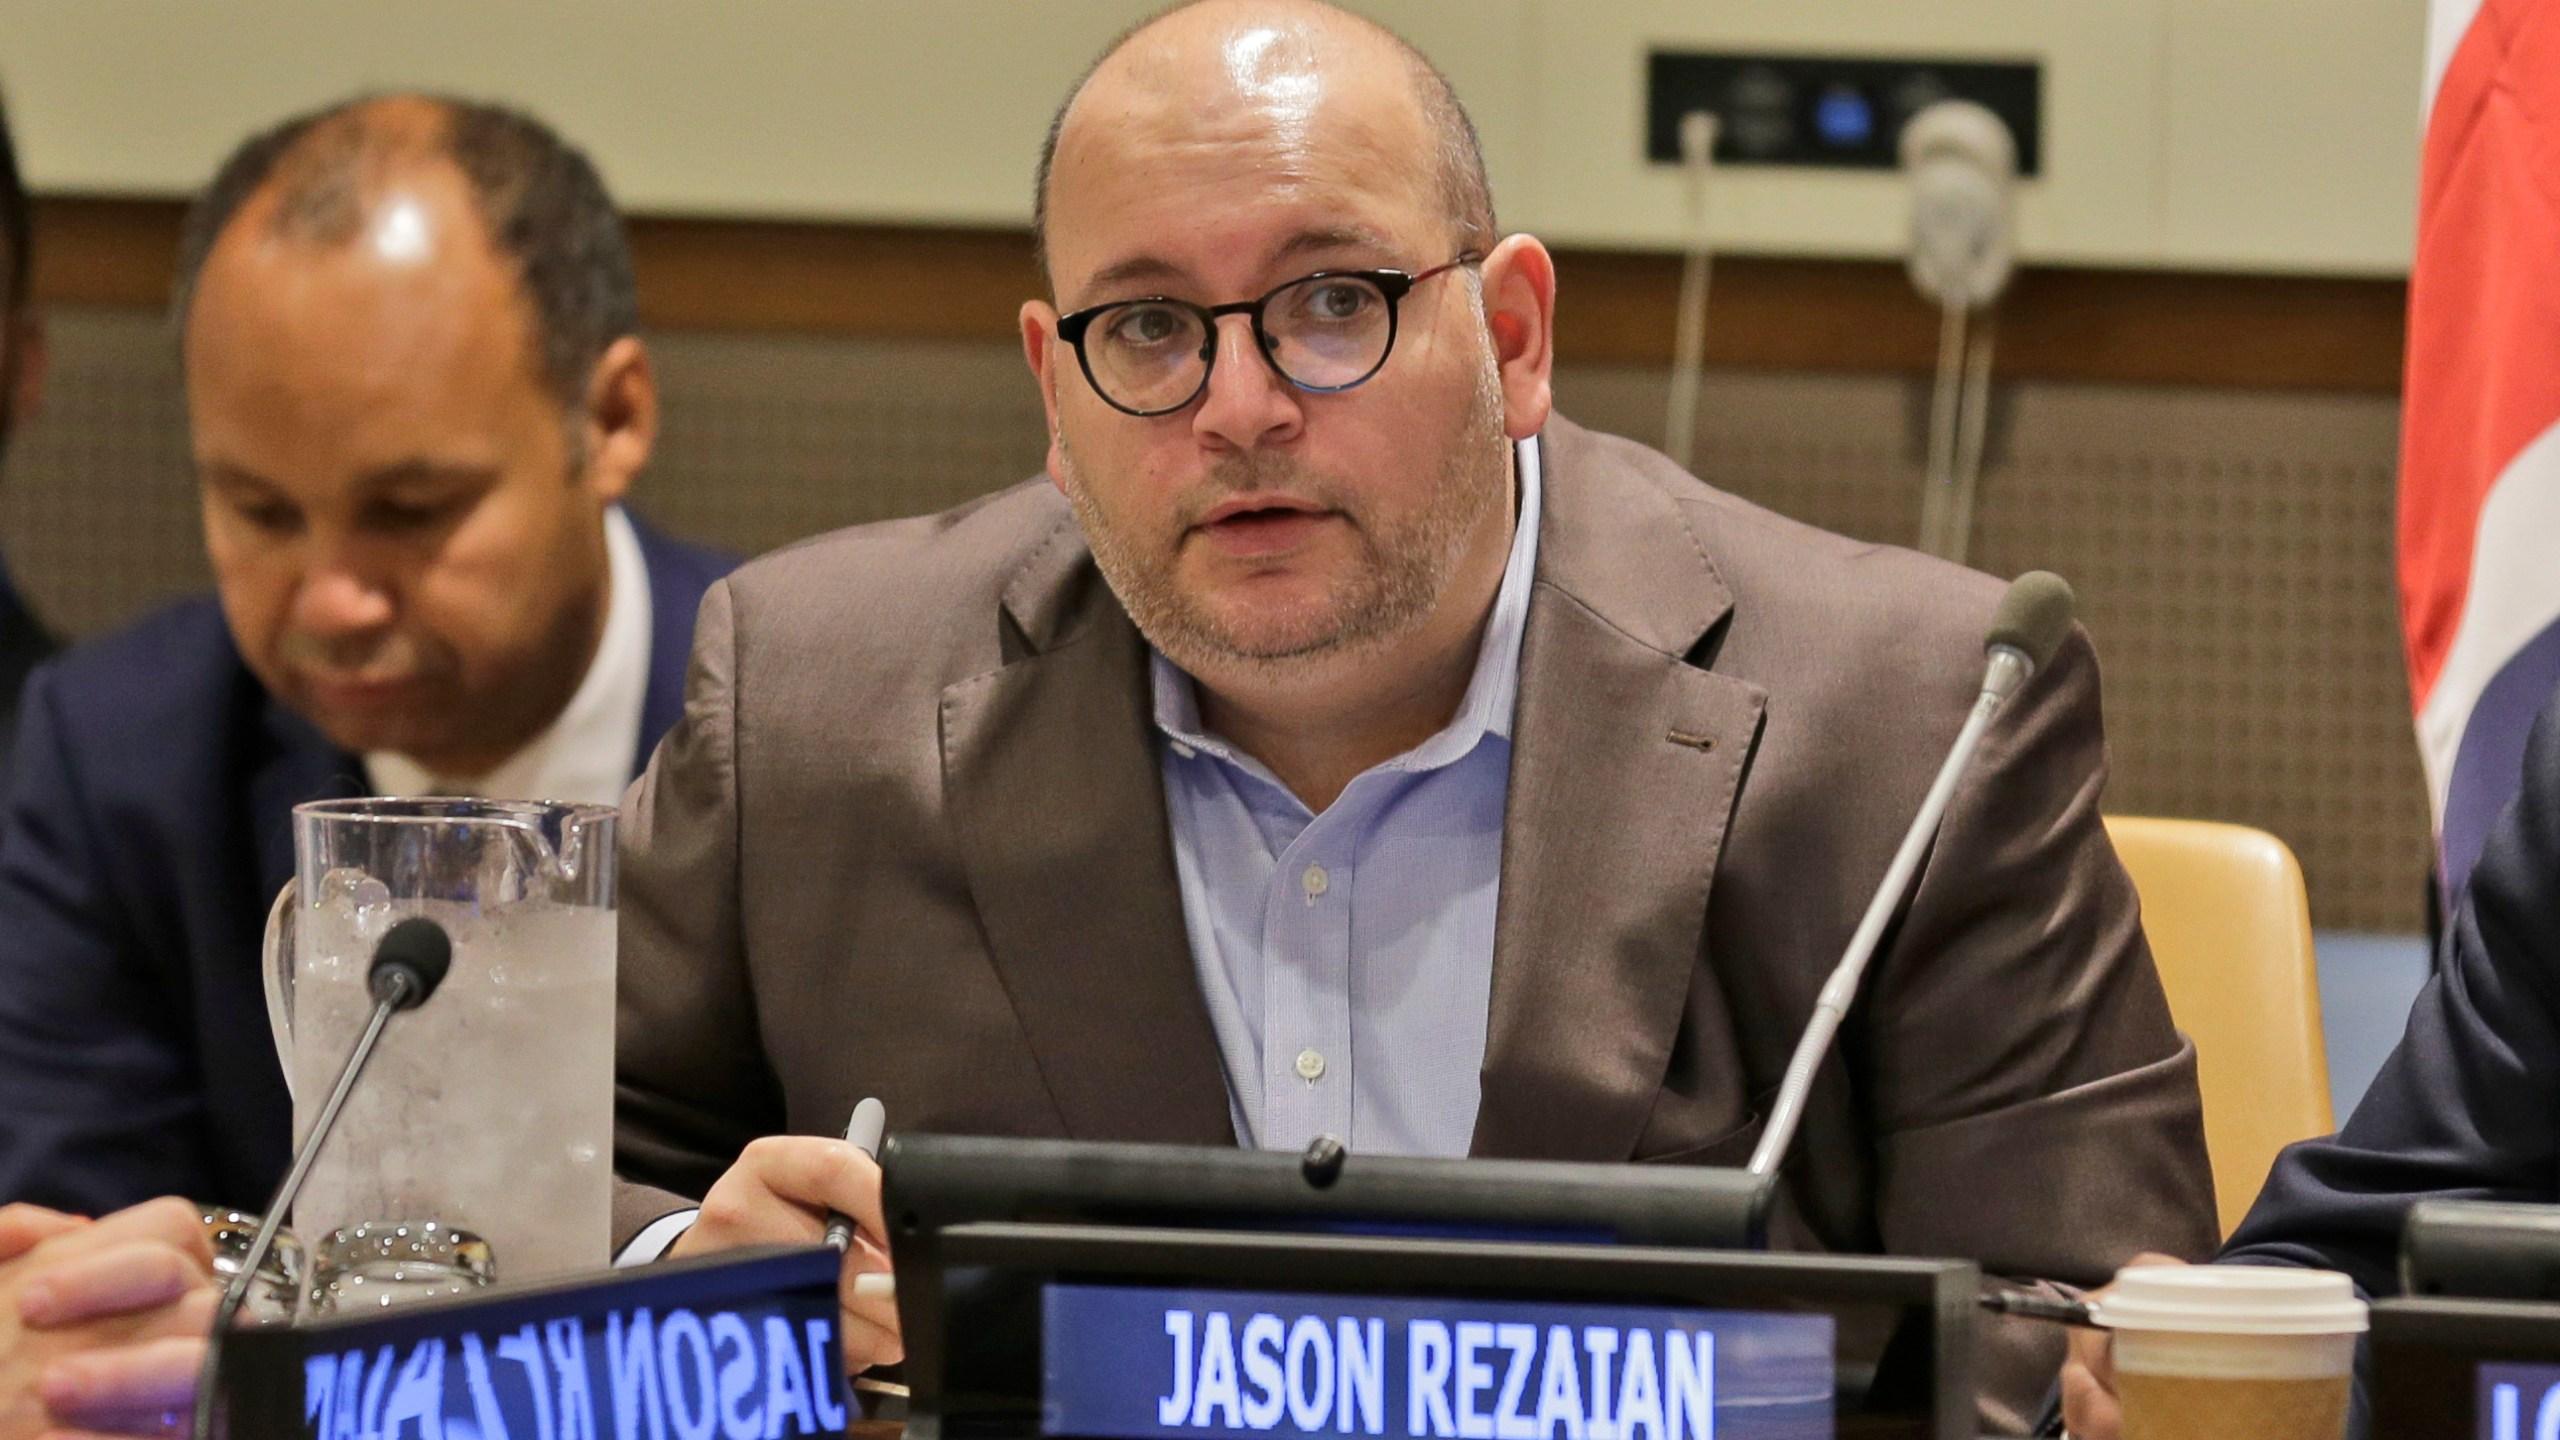 Jason Rezaian